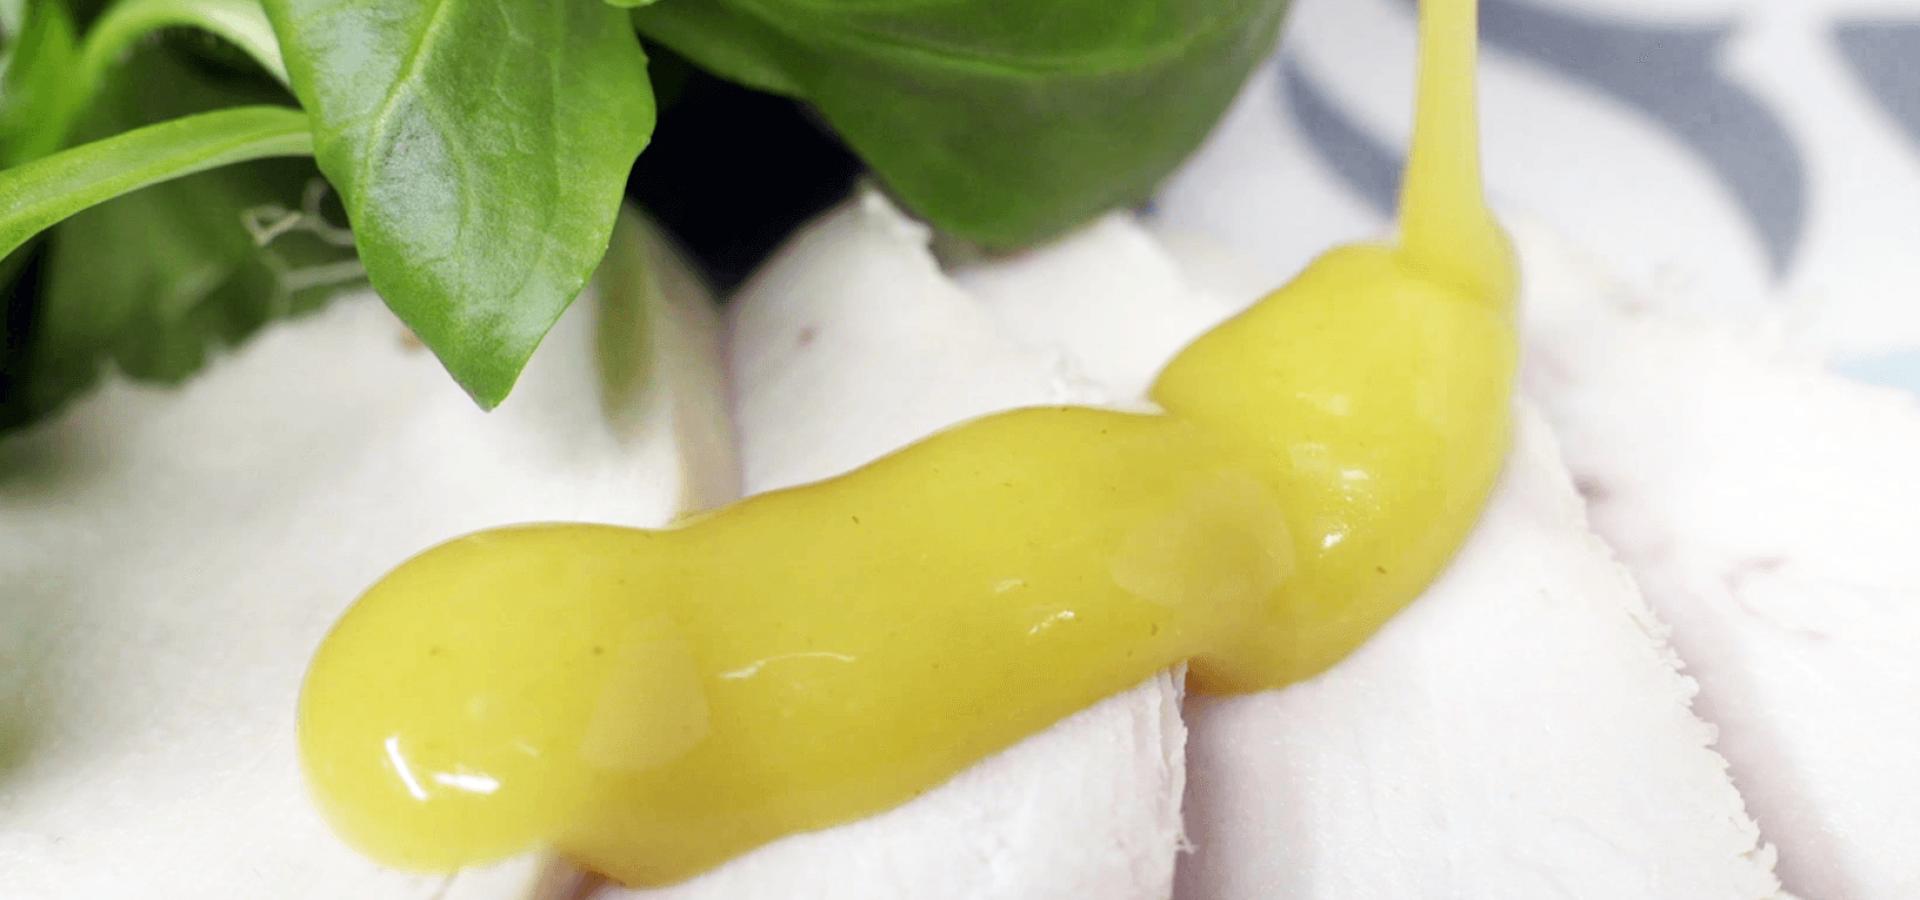 Honey mustard vinaigrette recipe